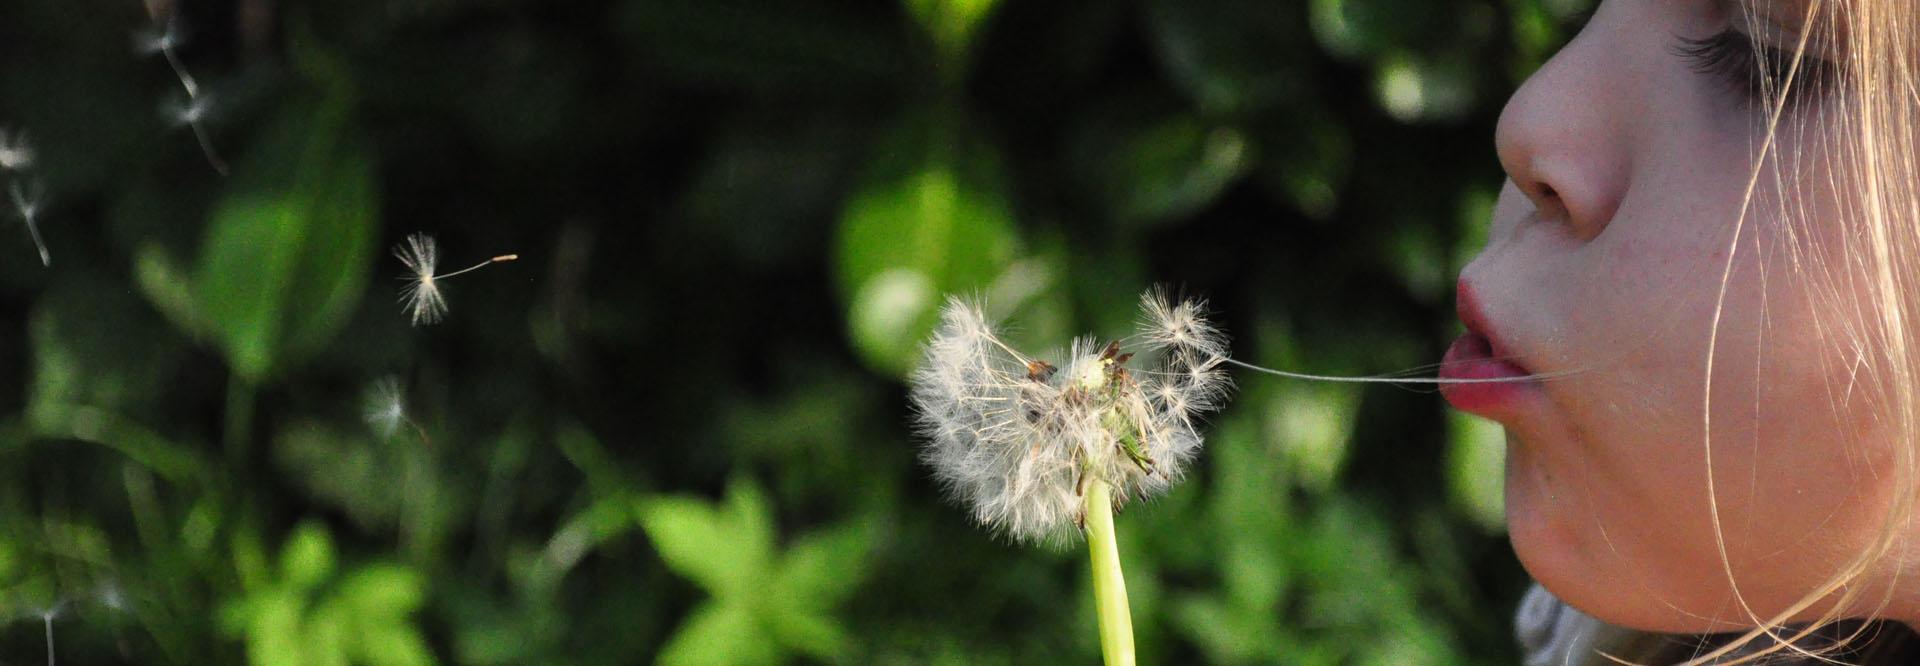 slider-Dandelion